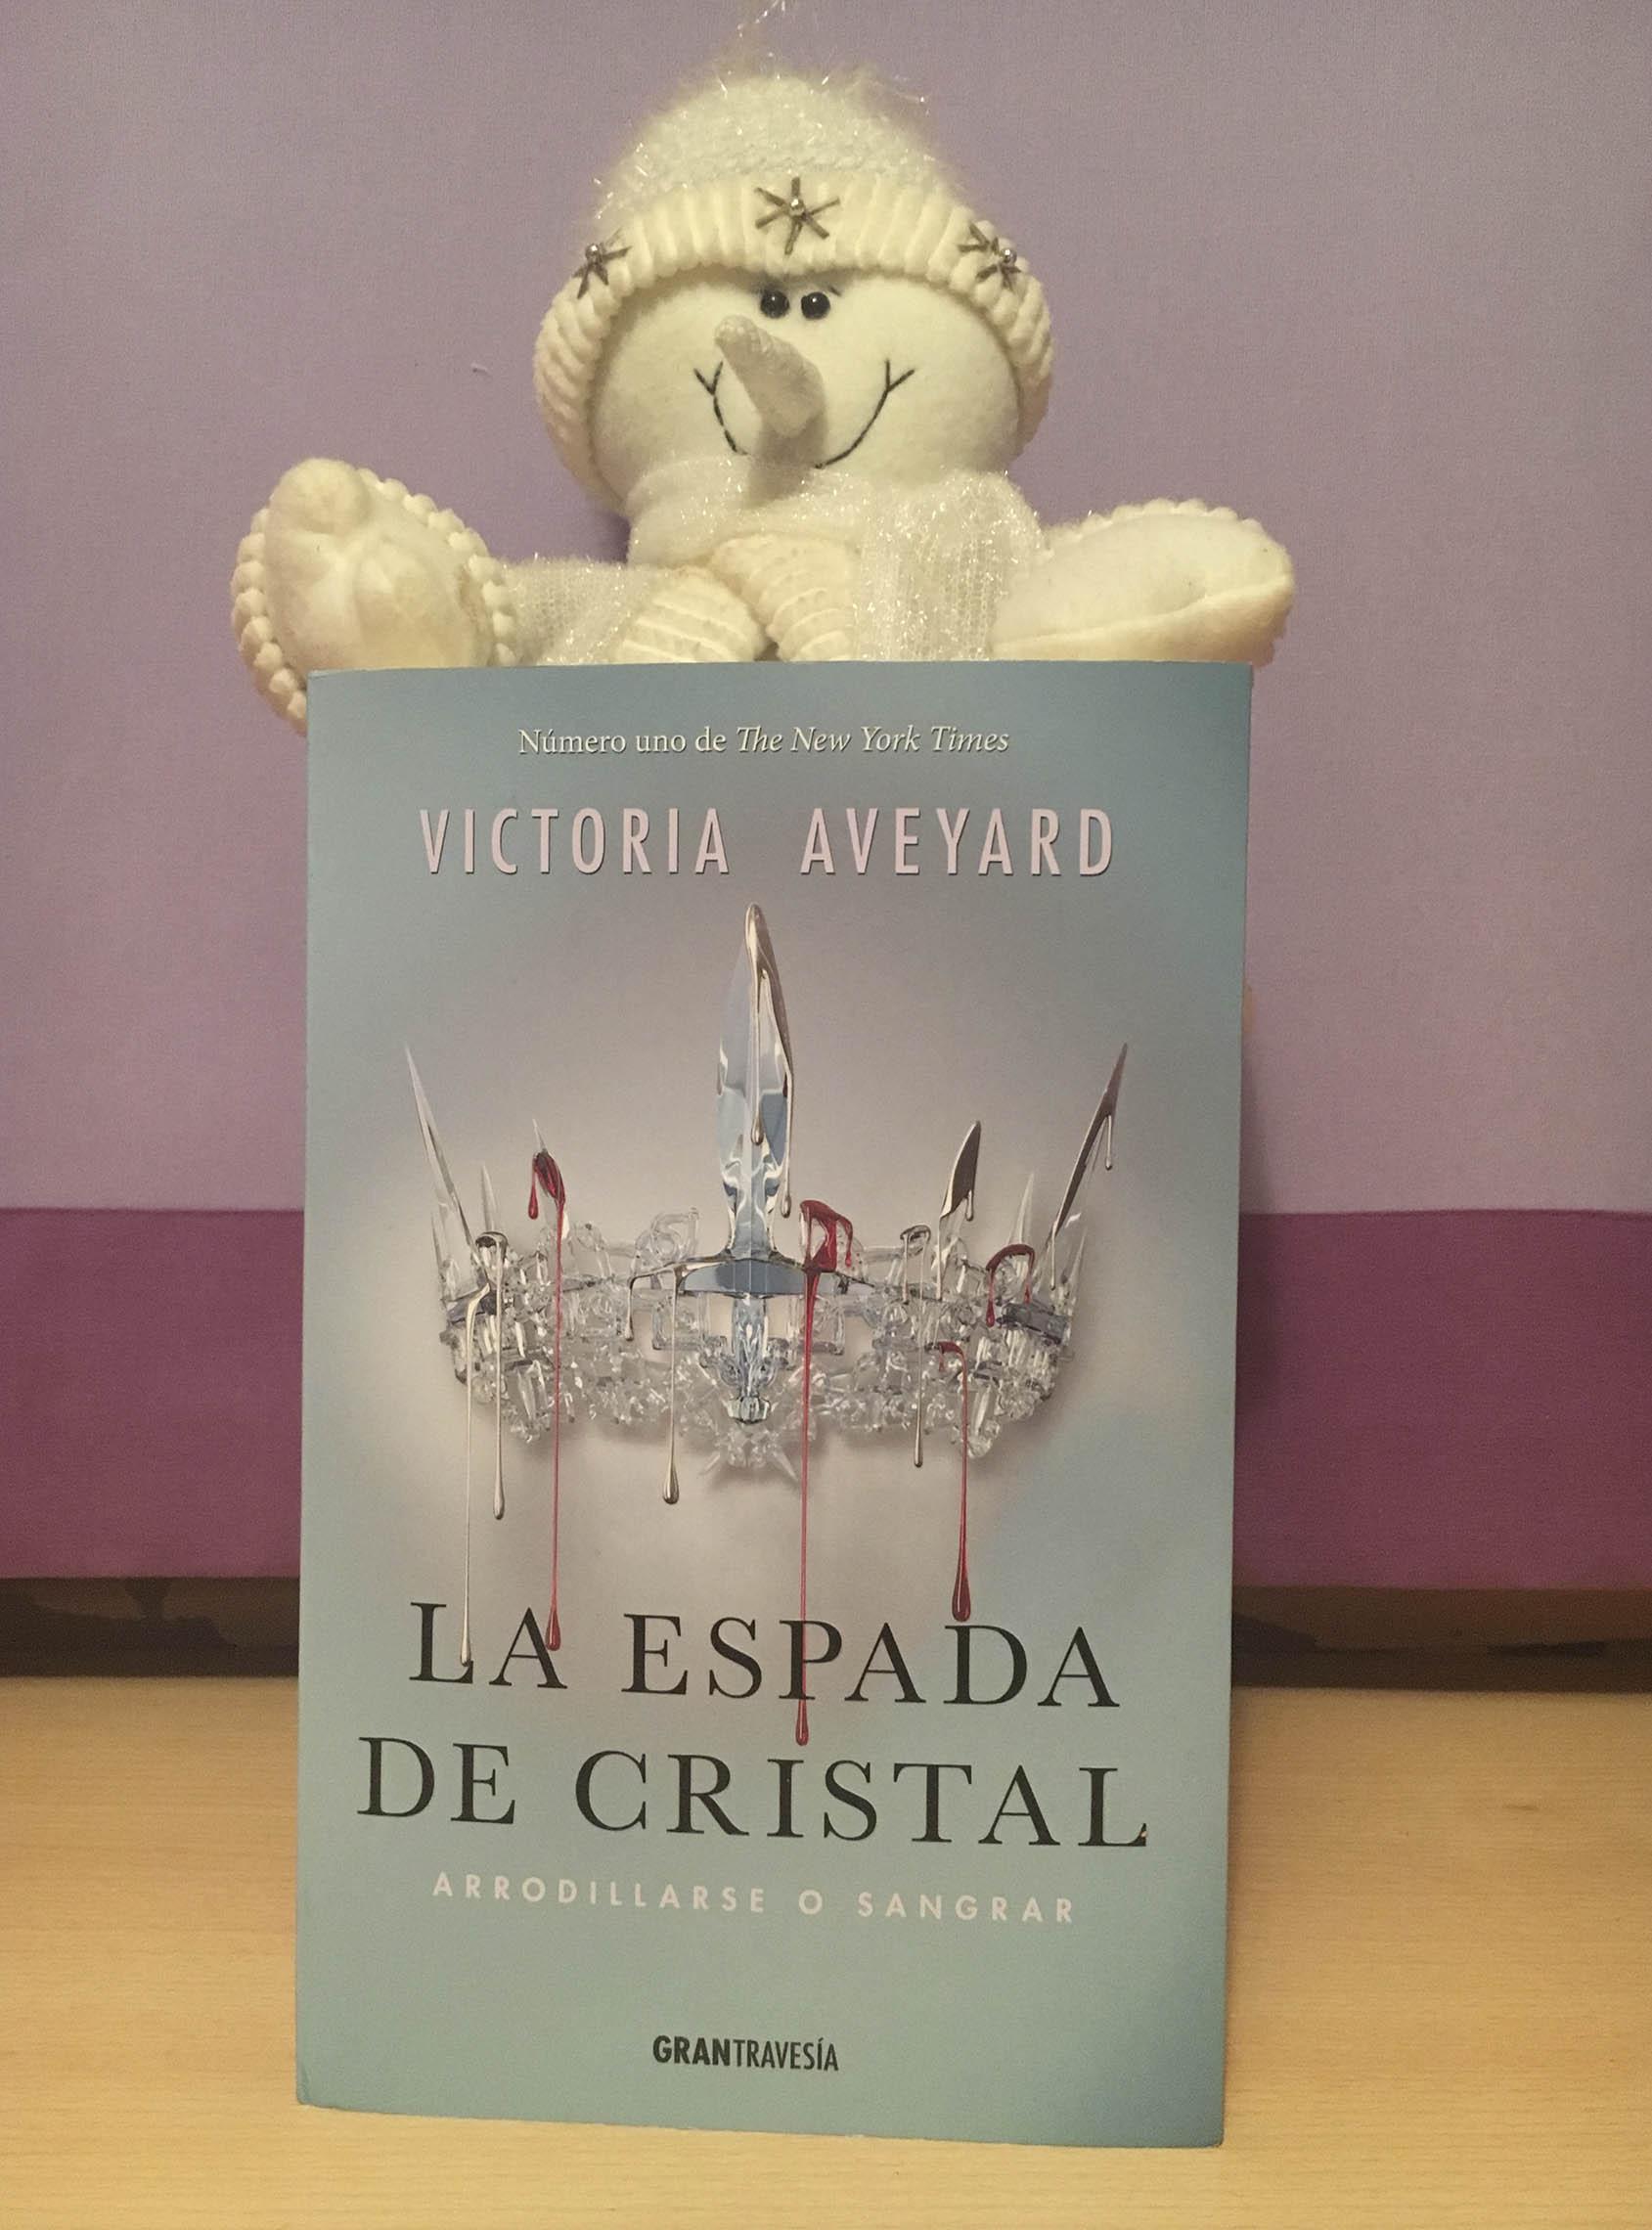 La Espada de Cristal, de Victoria Aveyard - Reseña